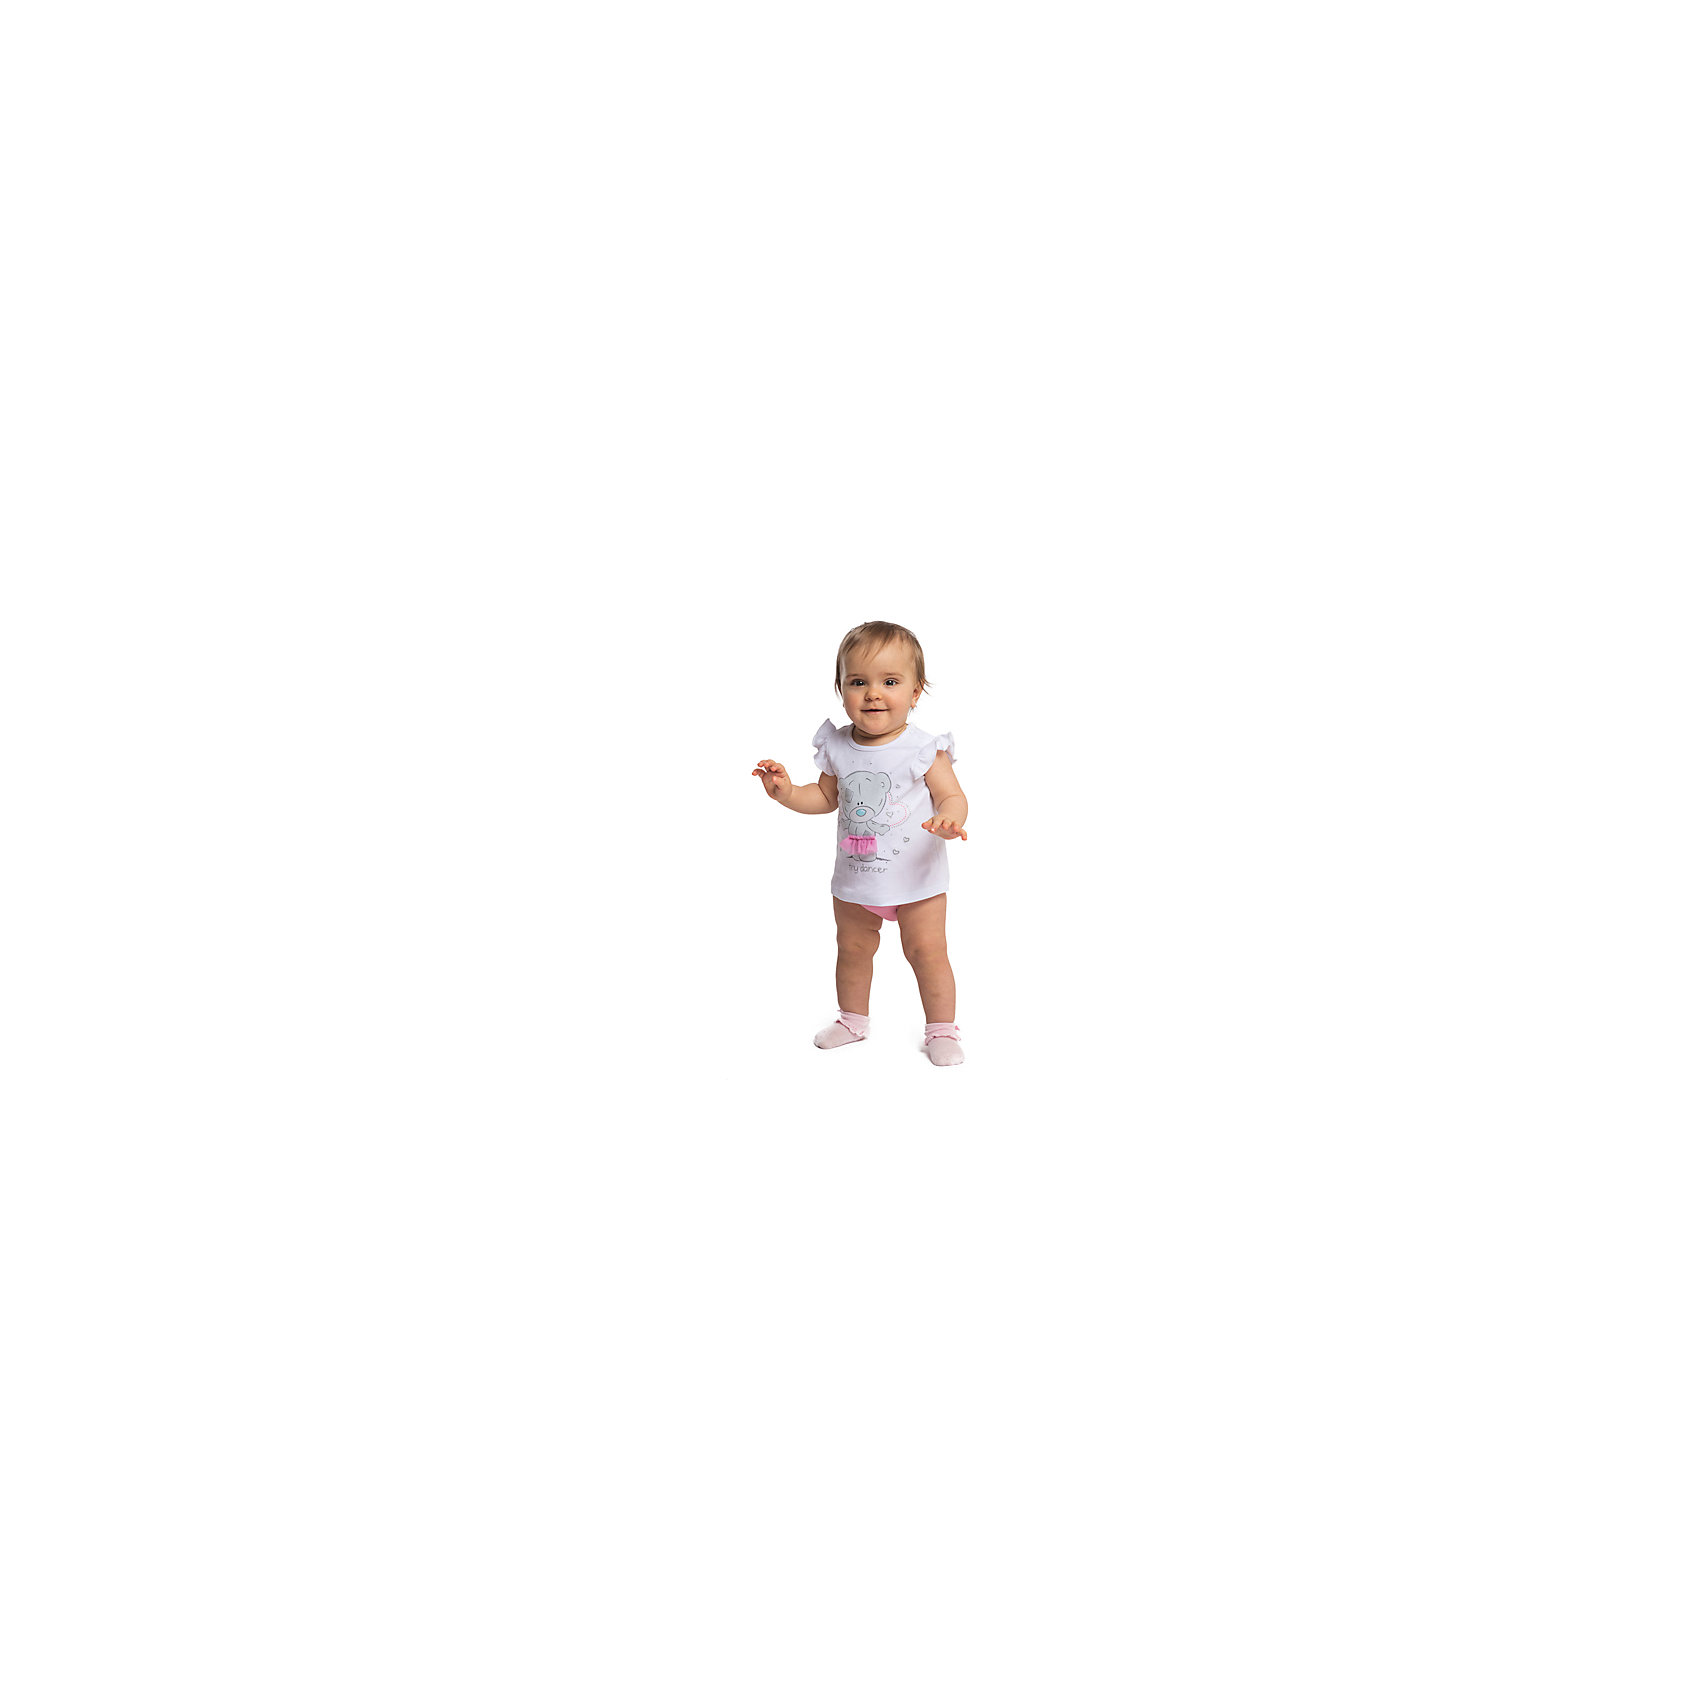 Комплект для девочки PlayTodayКомплекты<br>Комплект для девочки PlayToday<br>Комплект из майки и трусов выполнен из натурального материала, приятен к телу и не вызывает раздражений нежной детской кожи. Материал хорошо вентилируется. Майка на широких бретелях, дополнена легкими оборками в пройме, что создает эффект крылышек, декорировна нежной аппликацией. Широкая резинка на трусах не сдавливает живот ребенка. Для удобства одевания - снимания на горловине майка снабжена двумя застежками - кнопками.Преимущества: Натуральный материал не раздражает нежную детскую кожу, хорошо вентилируетсяАккуратные швы не вызывают неприятных ощущений<br>Состав:<br>100% хлопок<br><br>Ширина мм: 157<br>Глубина мм: 13<br>Высота мм: 119<br>Вес г: 200<br>Цвет: разноцветный<br>Возраст от месяцев: 6<br>Возраст до месяцев: 9<br>Пол: Женский<br>Возраст: Детский<br>Размер: 74,56,62,68<br>SKU: 5408596